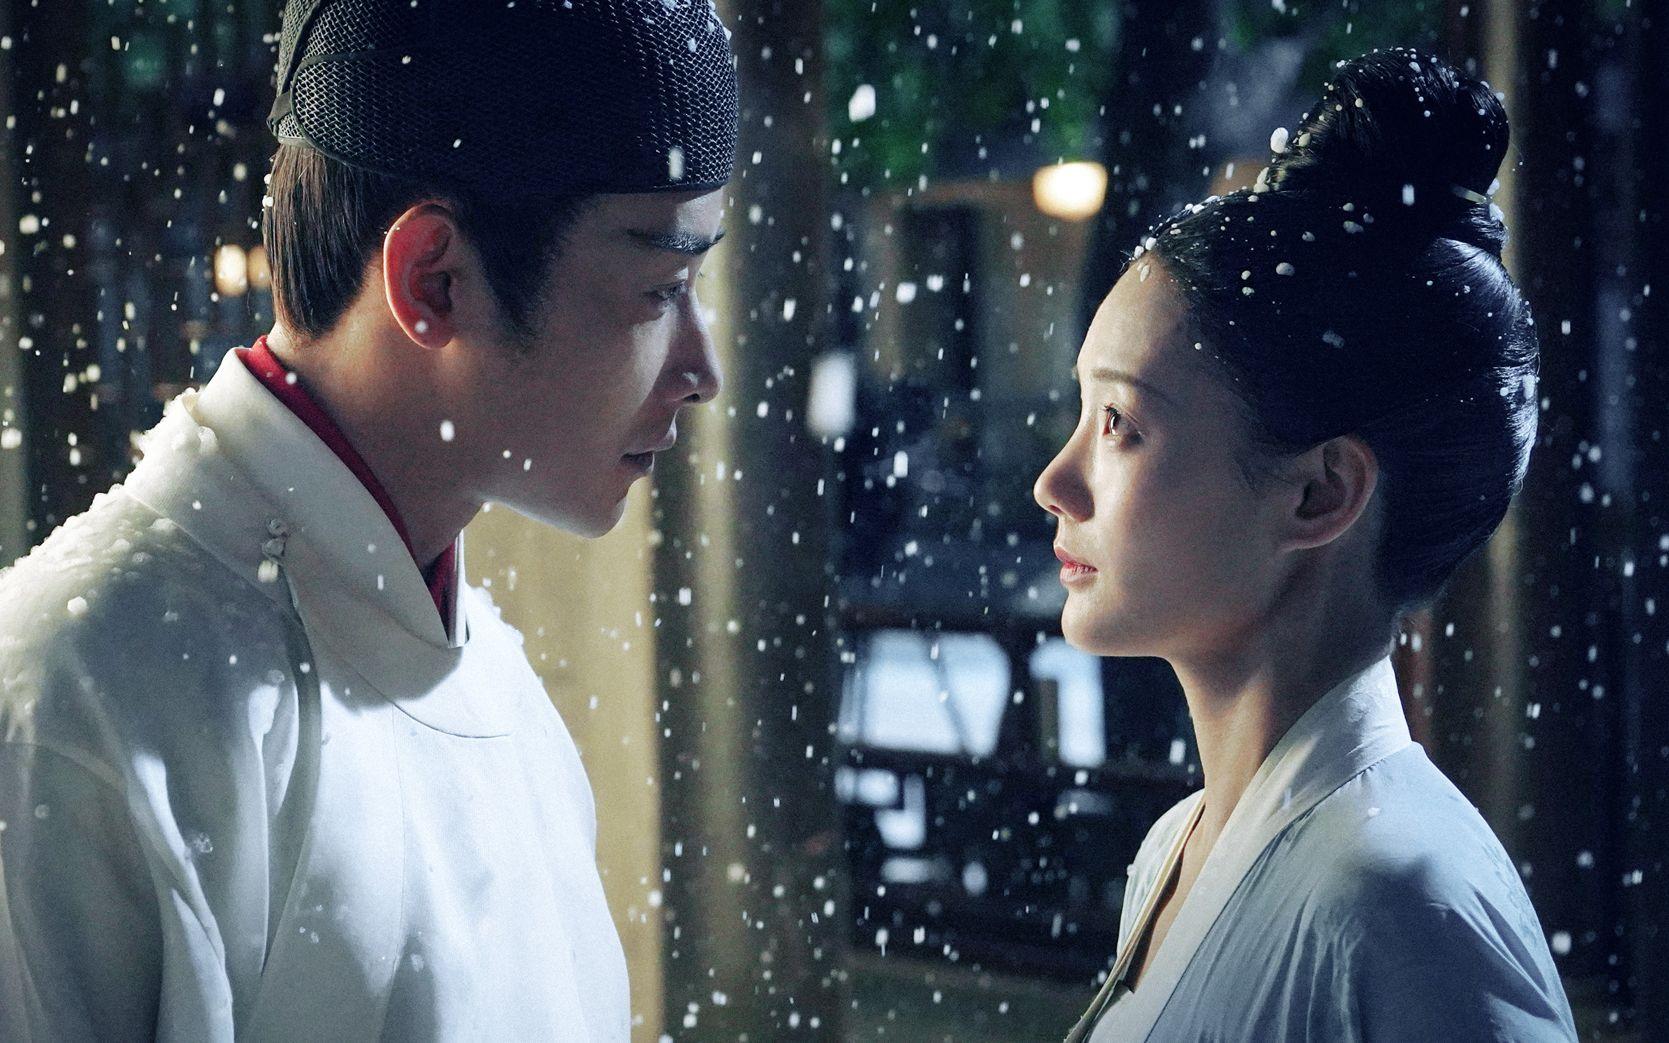 http://www.taizz.cn/jiankang/145700.html